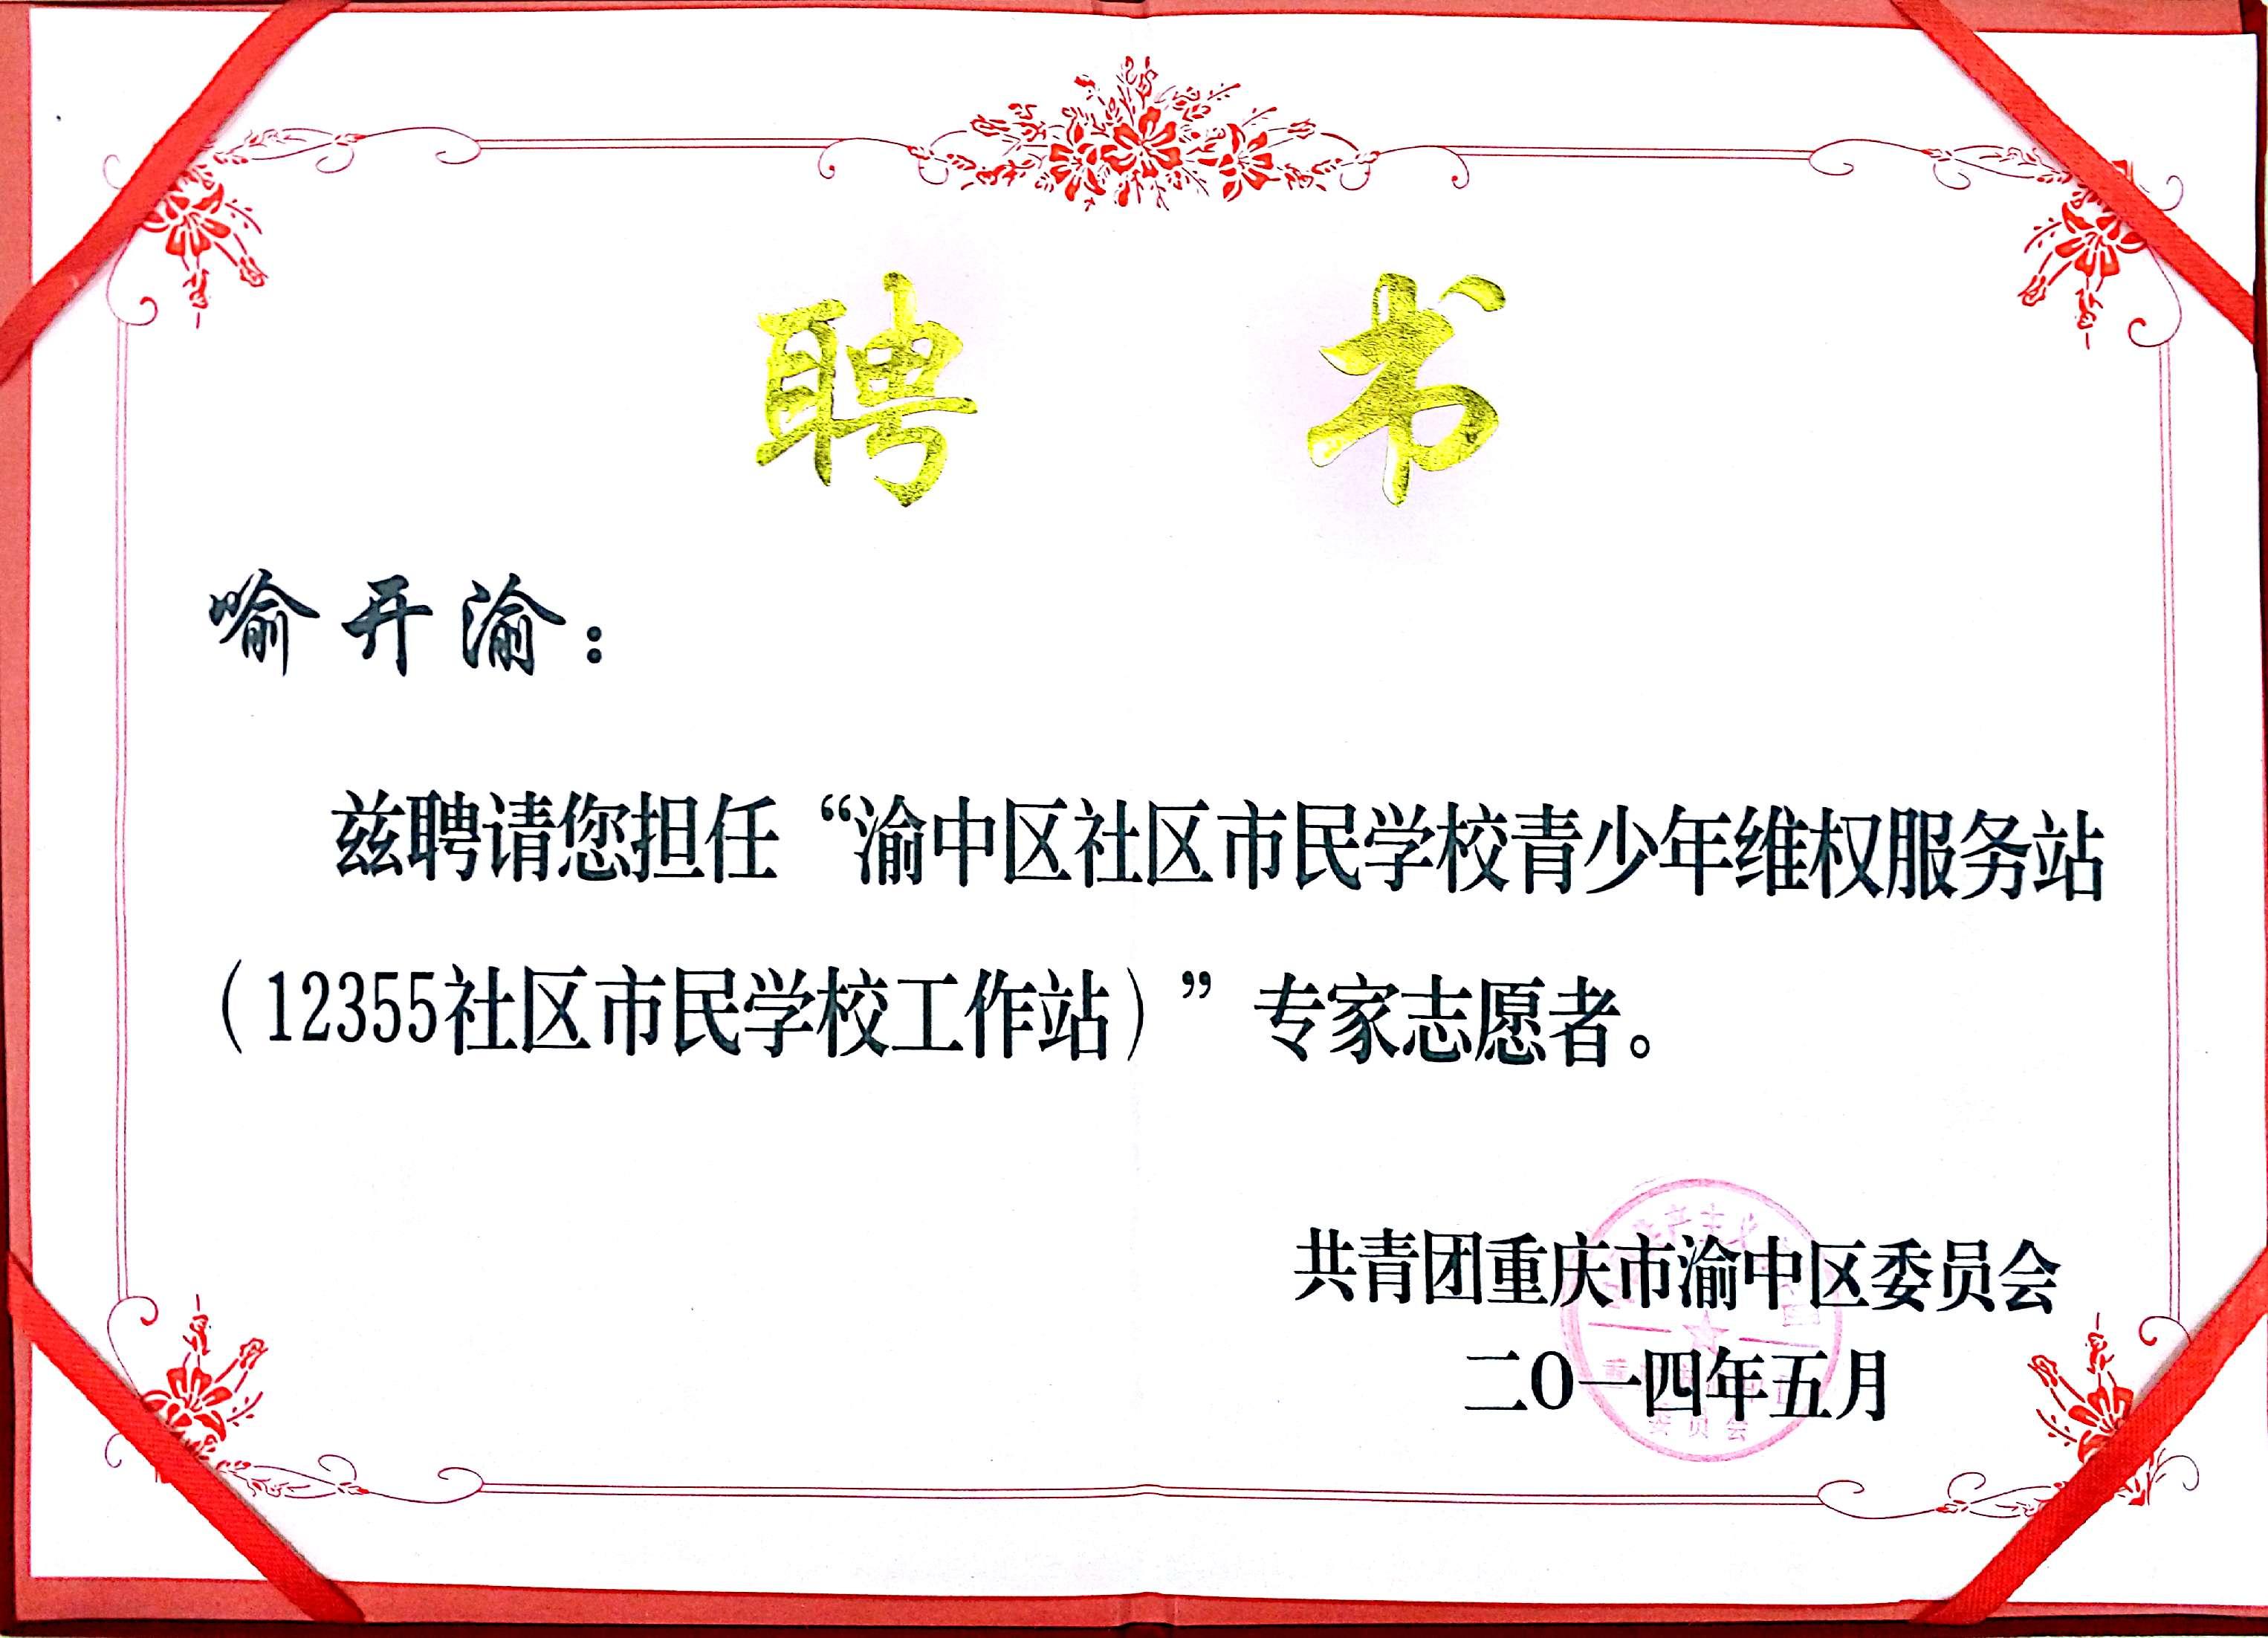 """喻开渝律师被聘为担任""""""""渝中区社区市民学校青少年维"""